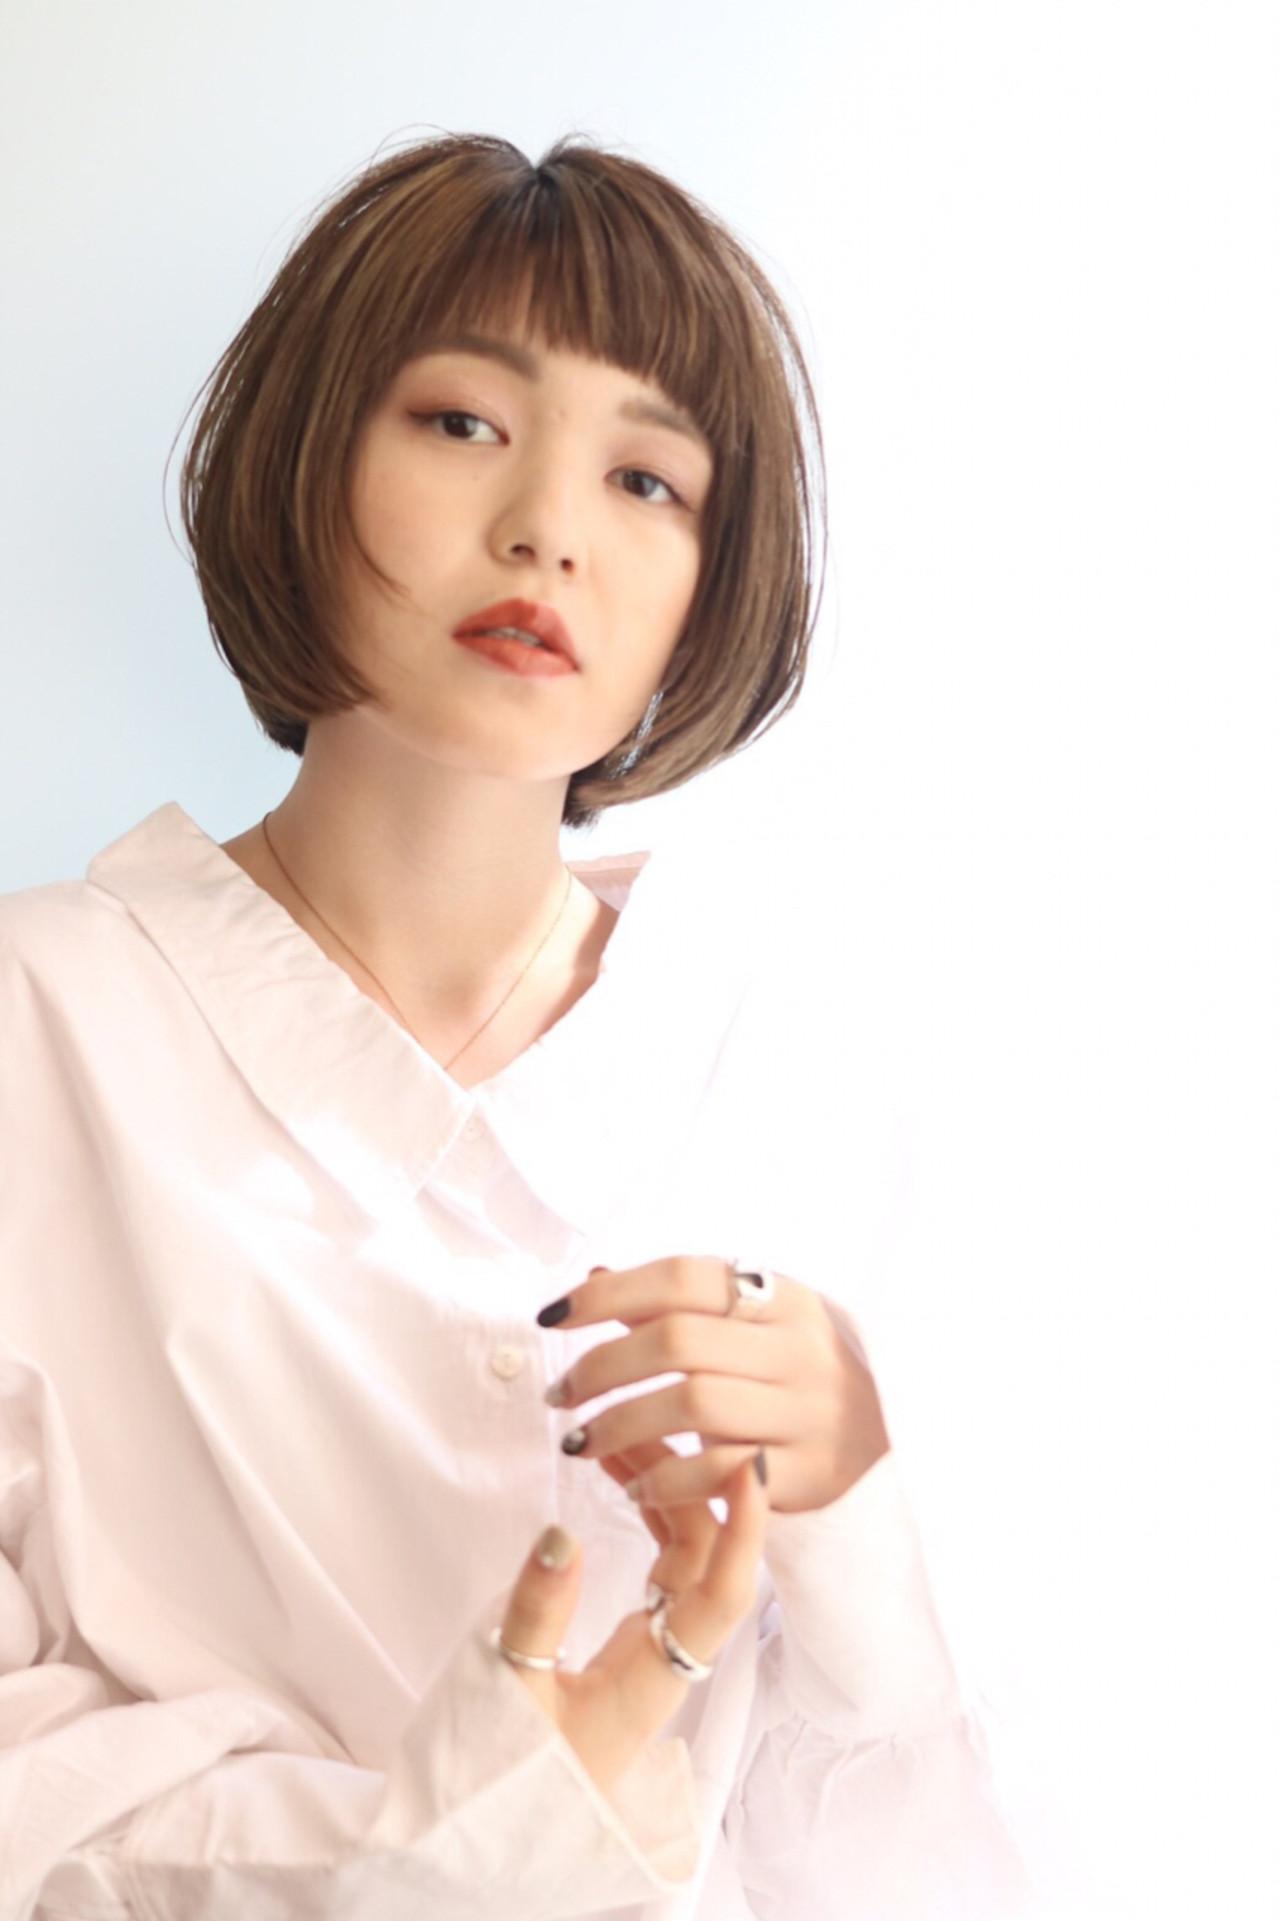 女子力 ナチュラル ハイライト ショートヘアスタイルや髪型の写真・画像